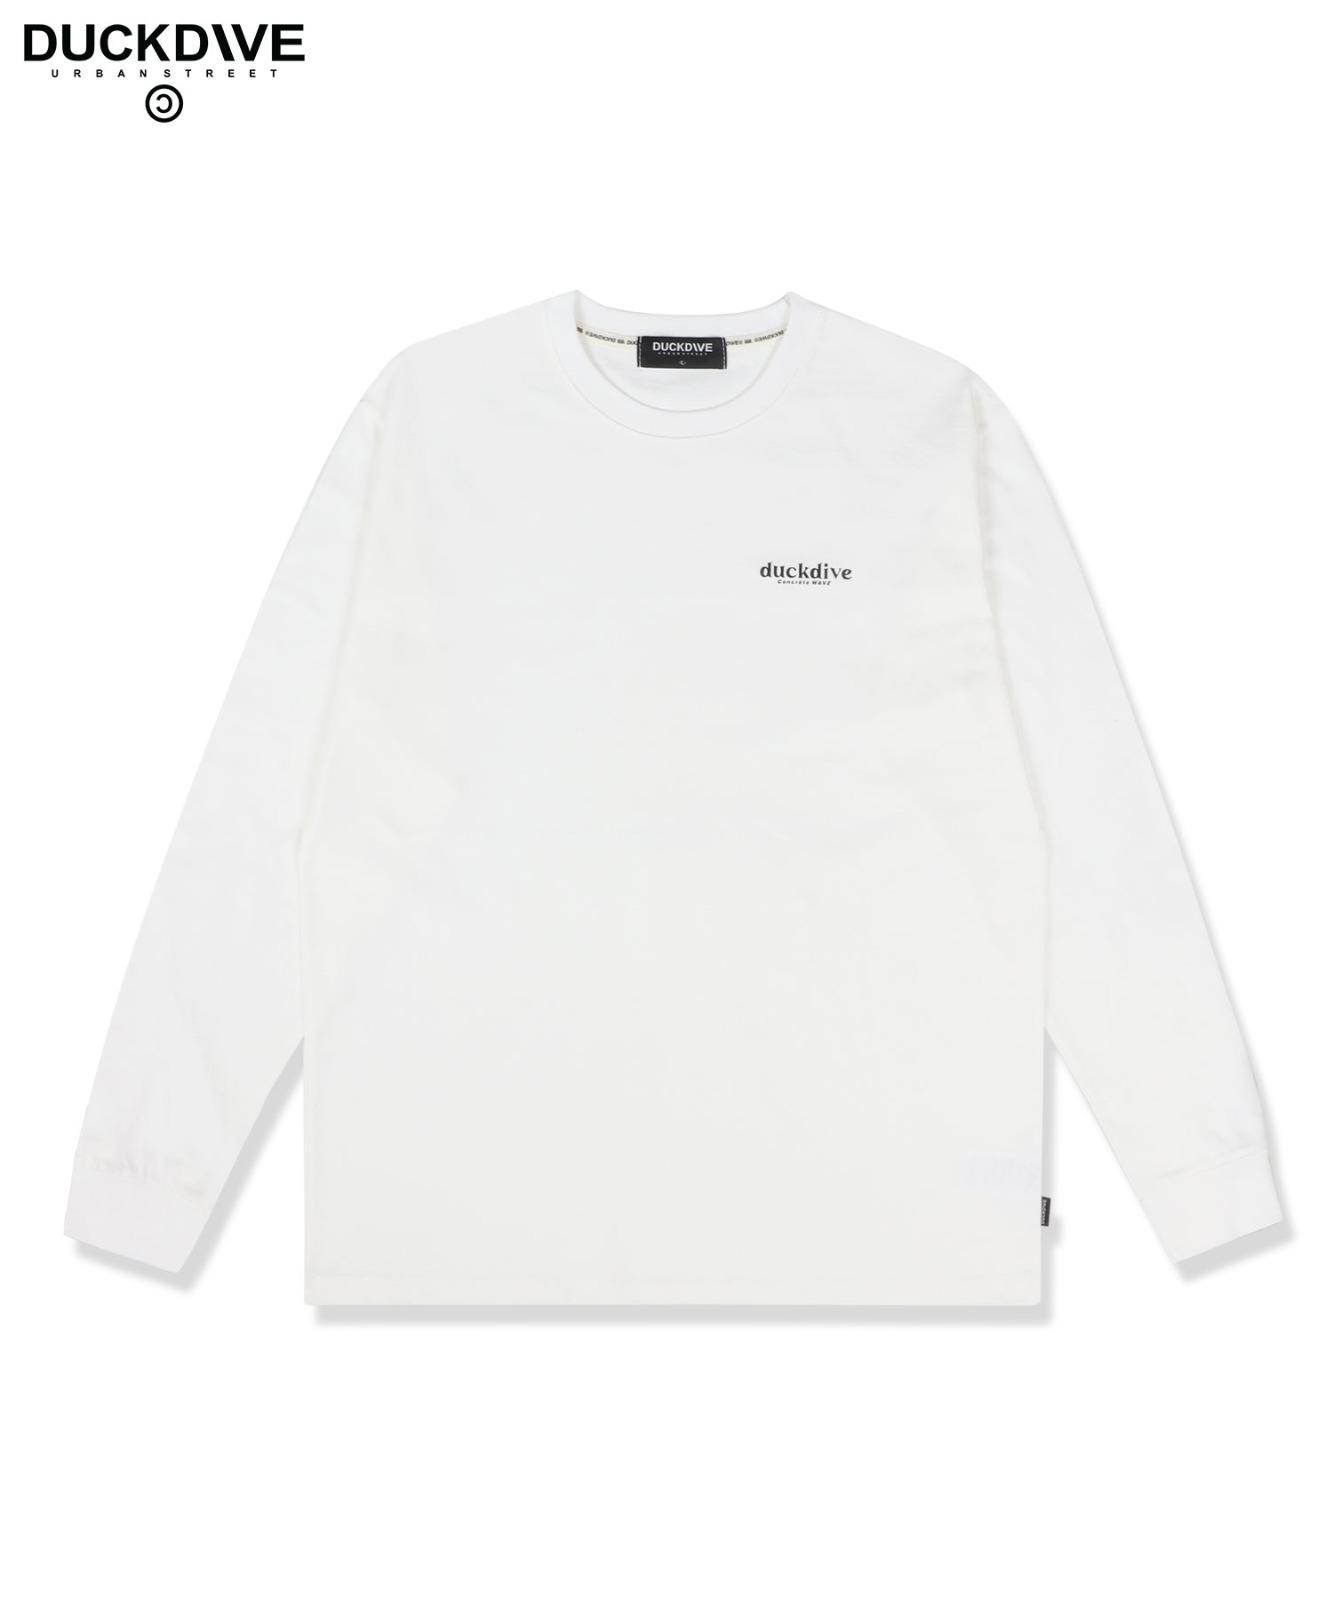 로고 롱슬리브 티셔츠 화이트